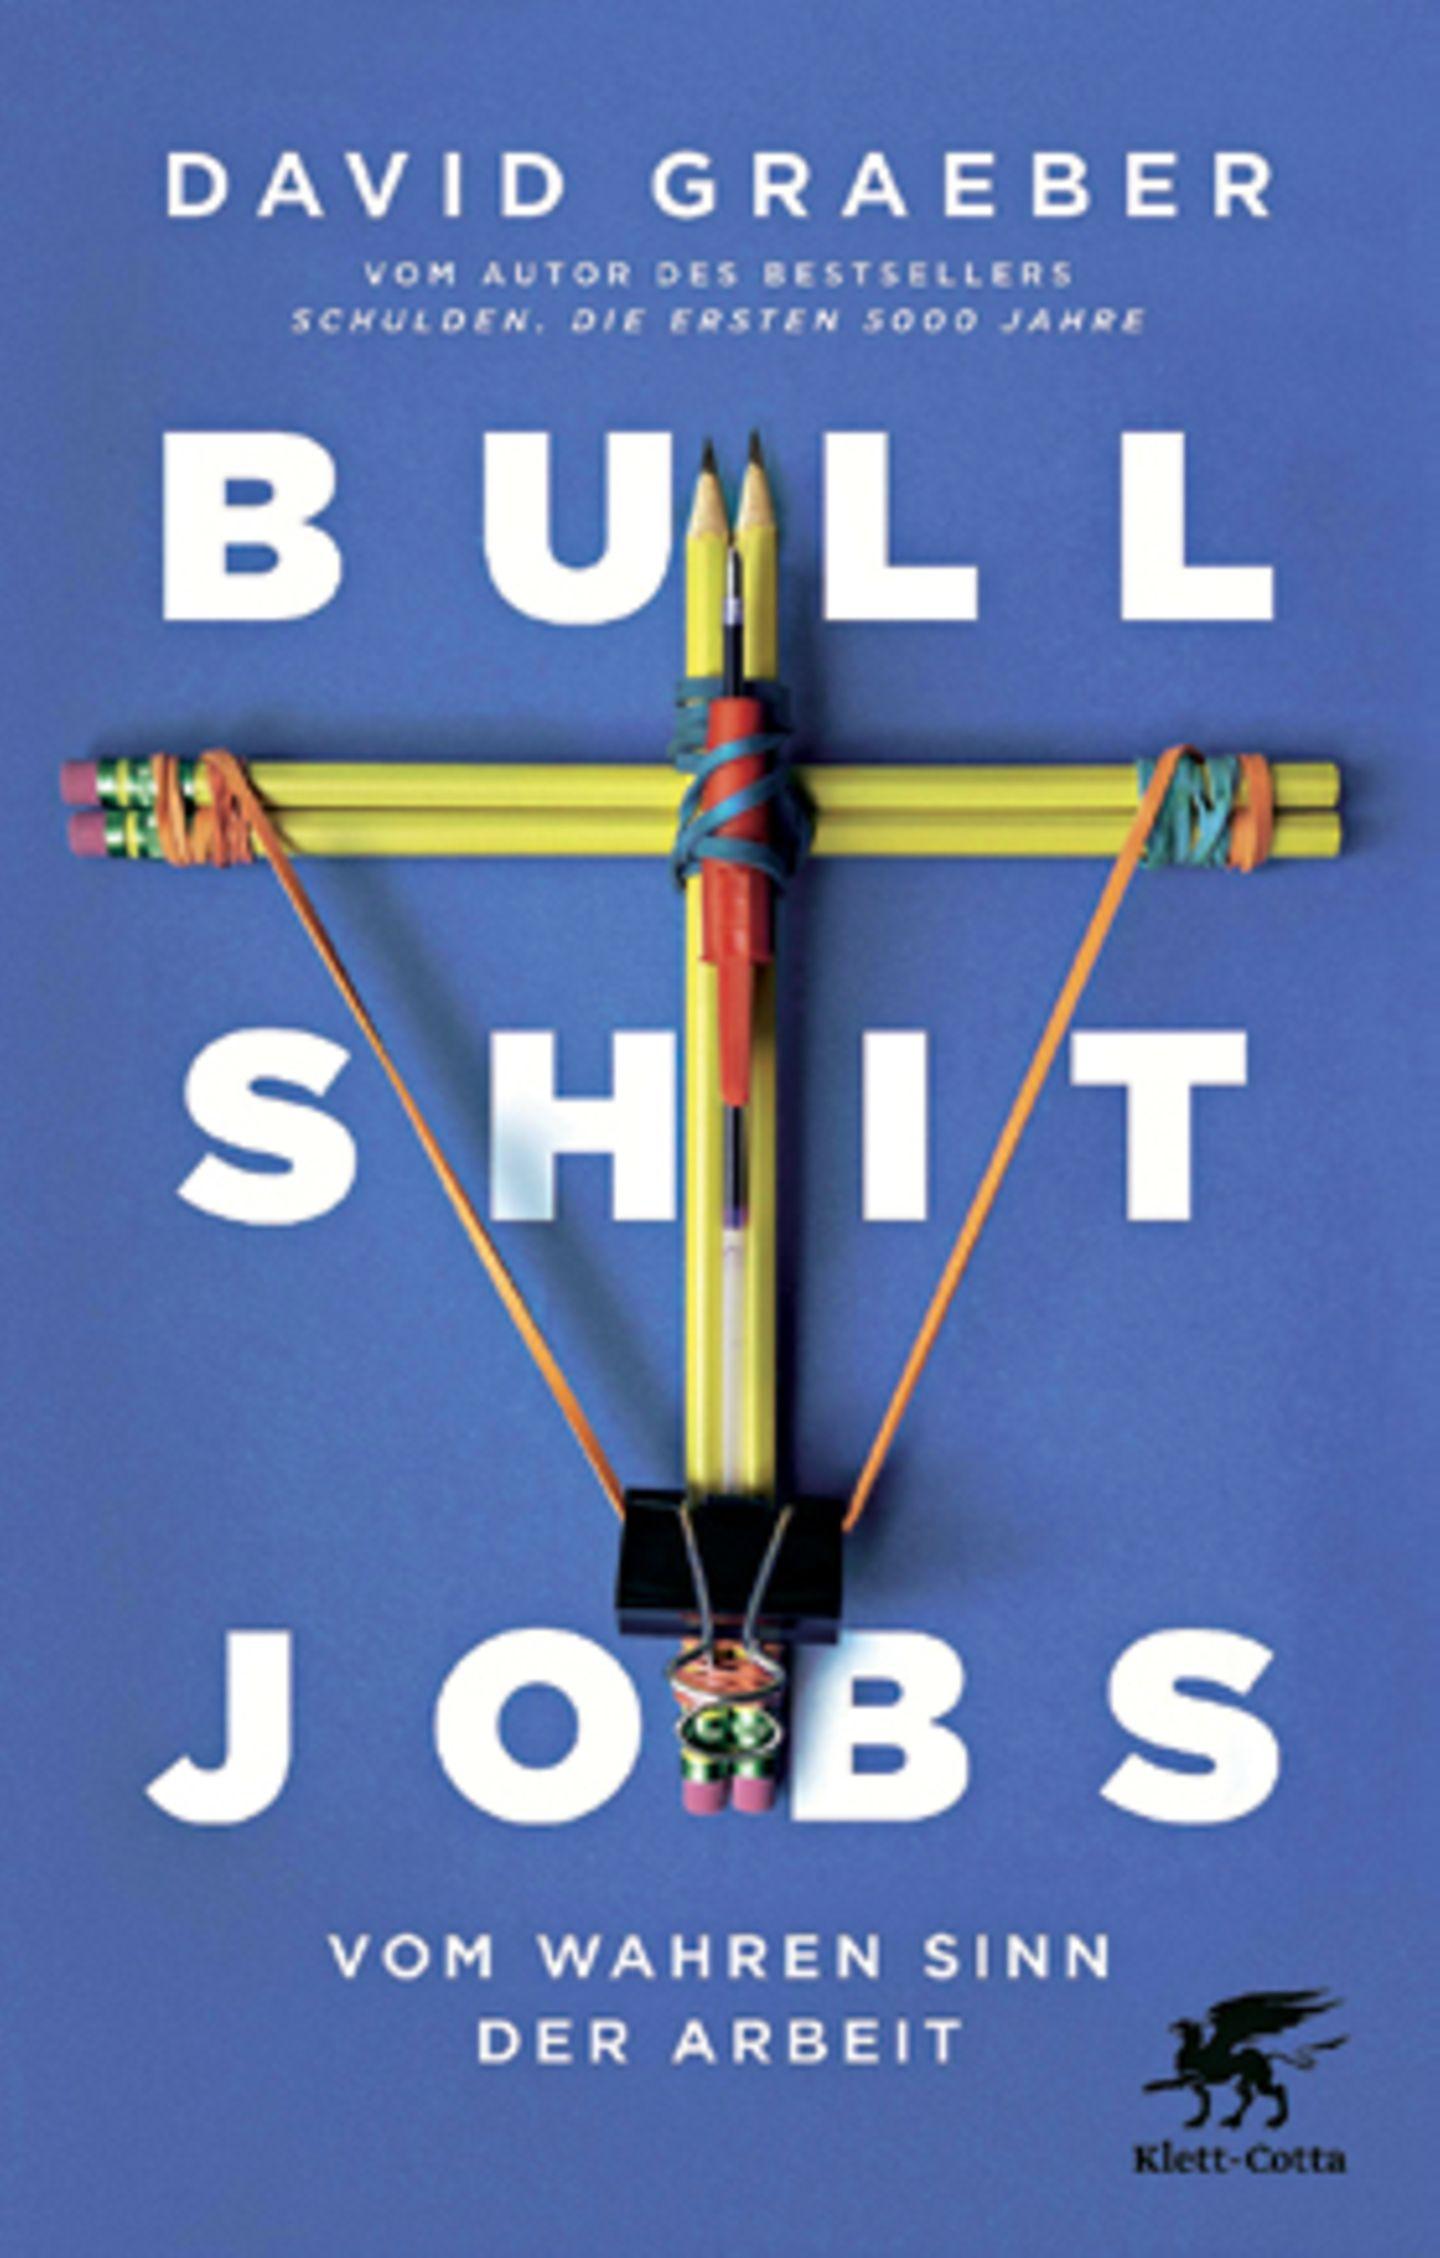 Literaturempfehlung: Bullshit Jobs